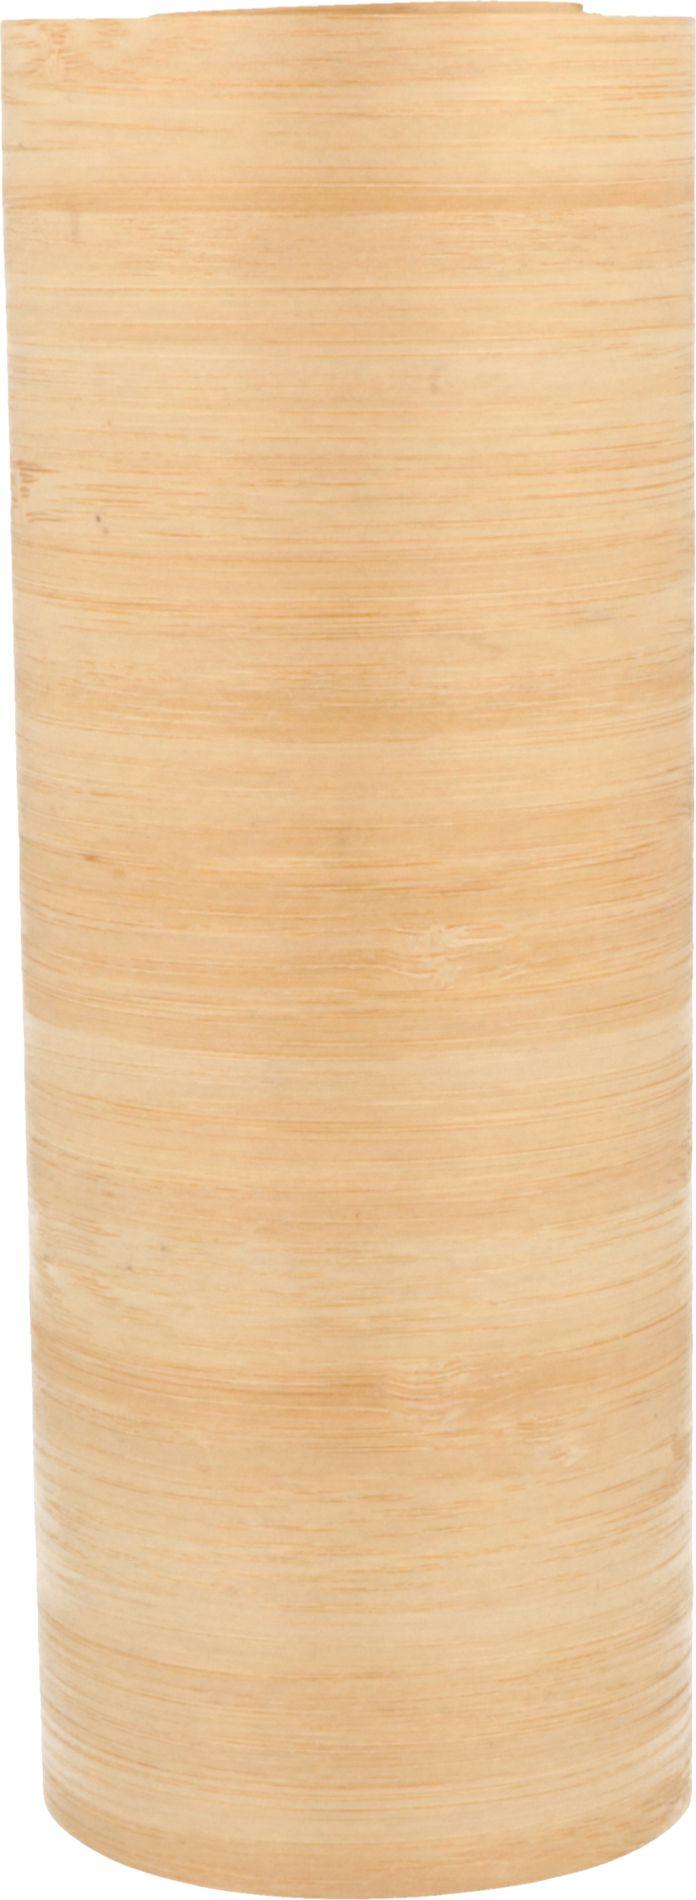 Rouleau placage bois